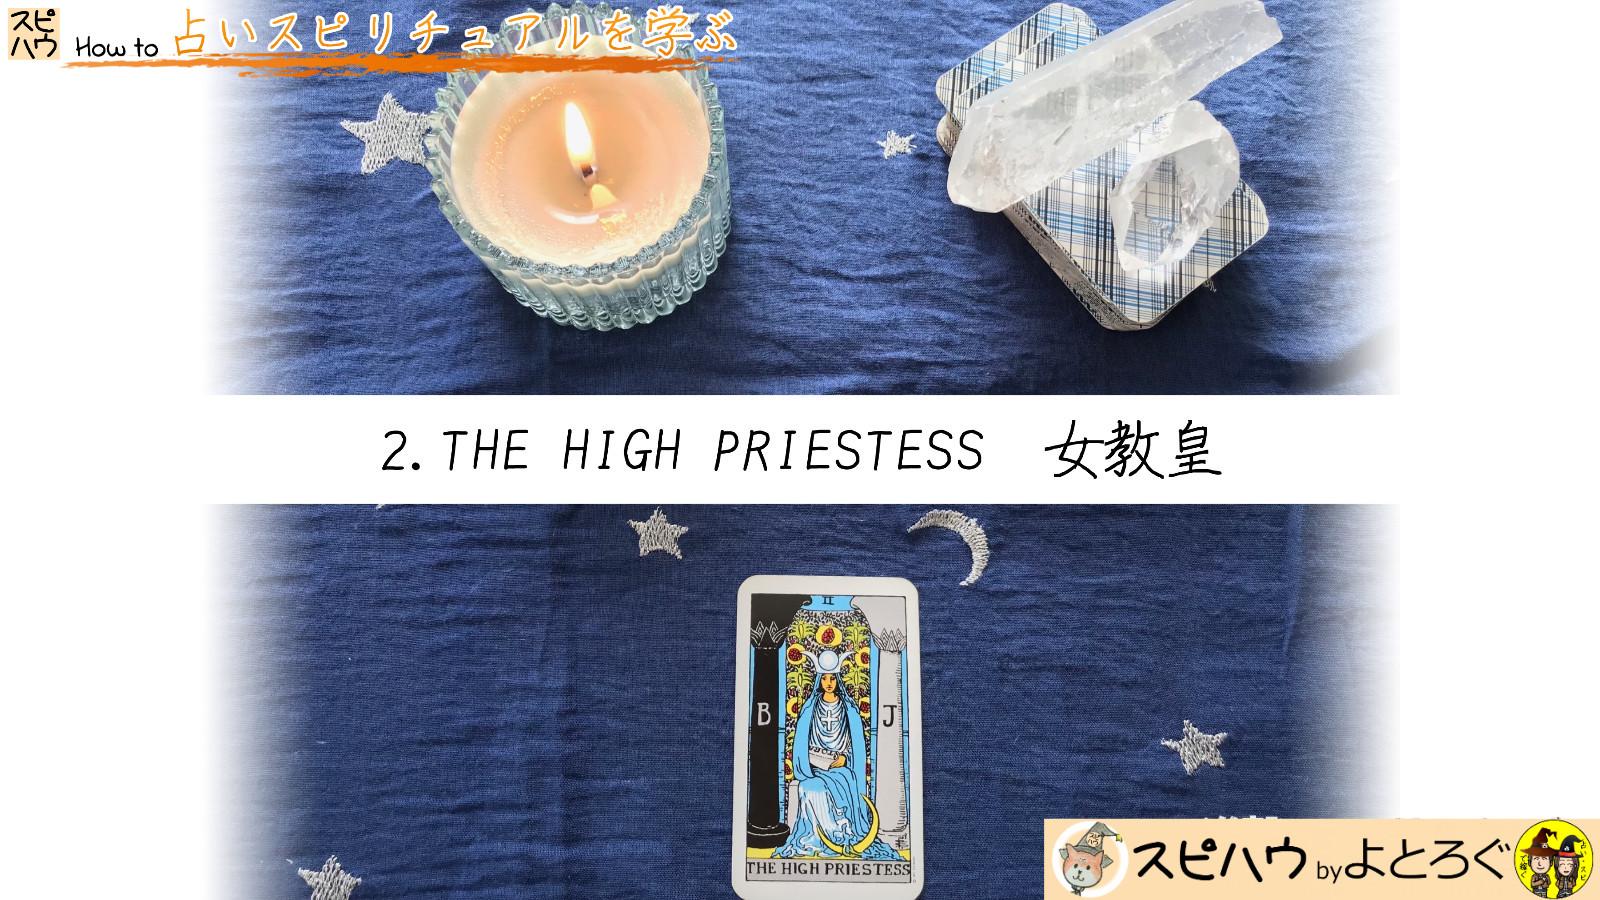 宇宙の真理は簡単には渡さない! 2.THE HIGH PRIESTESS 女教皇のカード画像